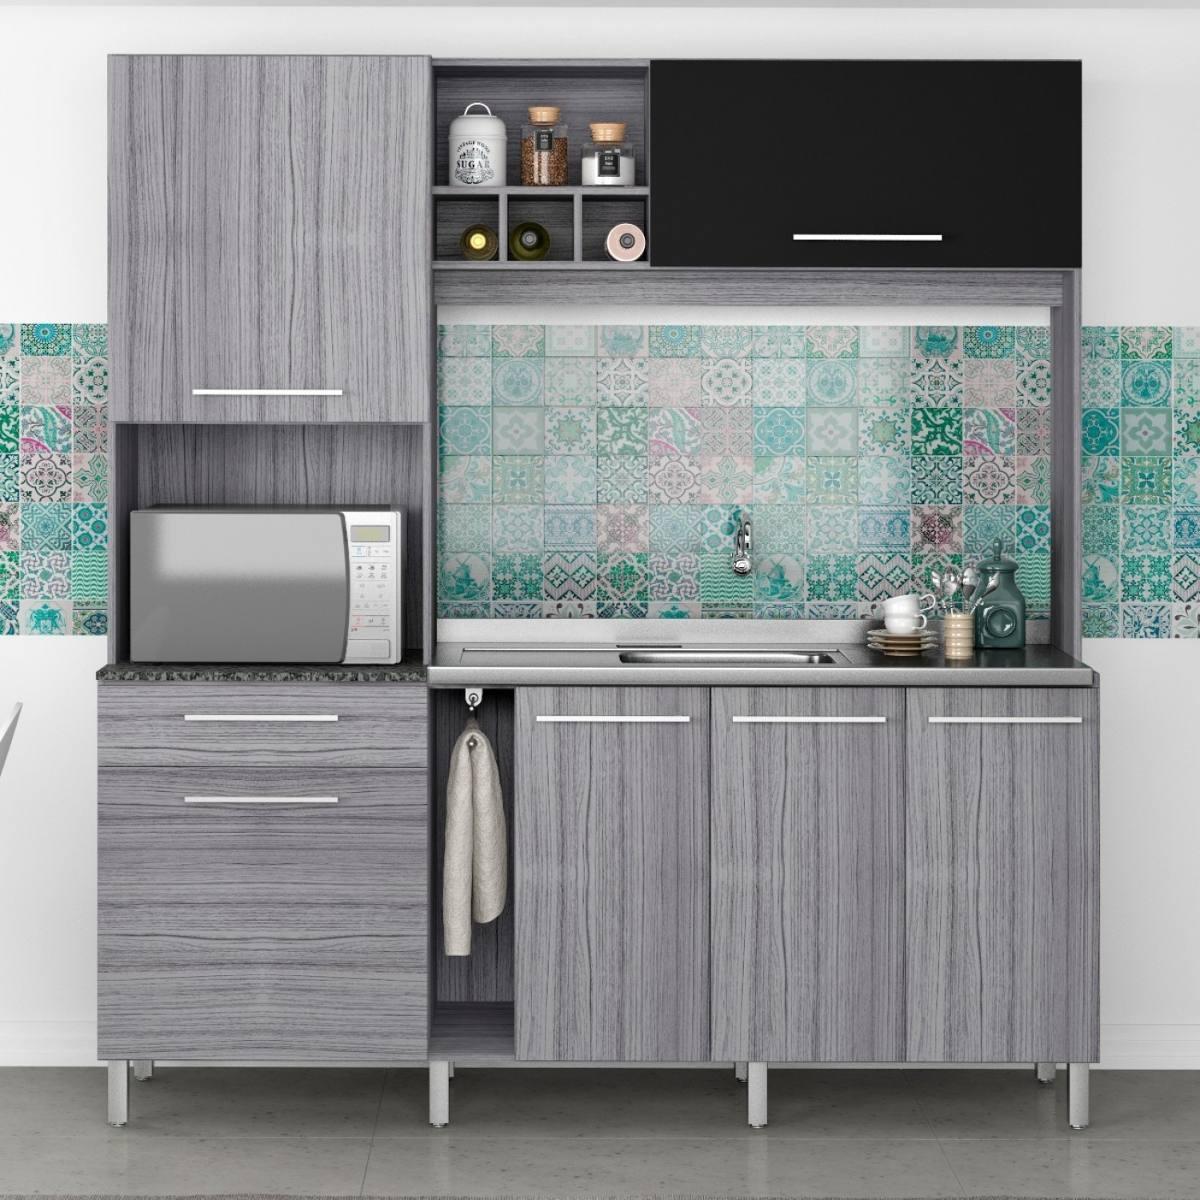 Cozinha Compacta 6 Portas 1 Gaveta P Rola Poliman E R 549 90 Em